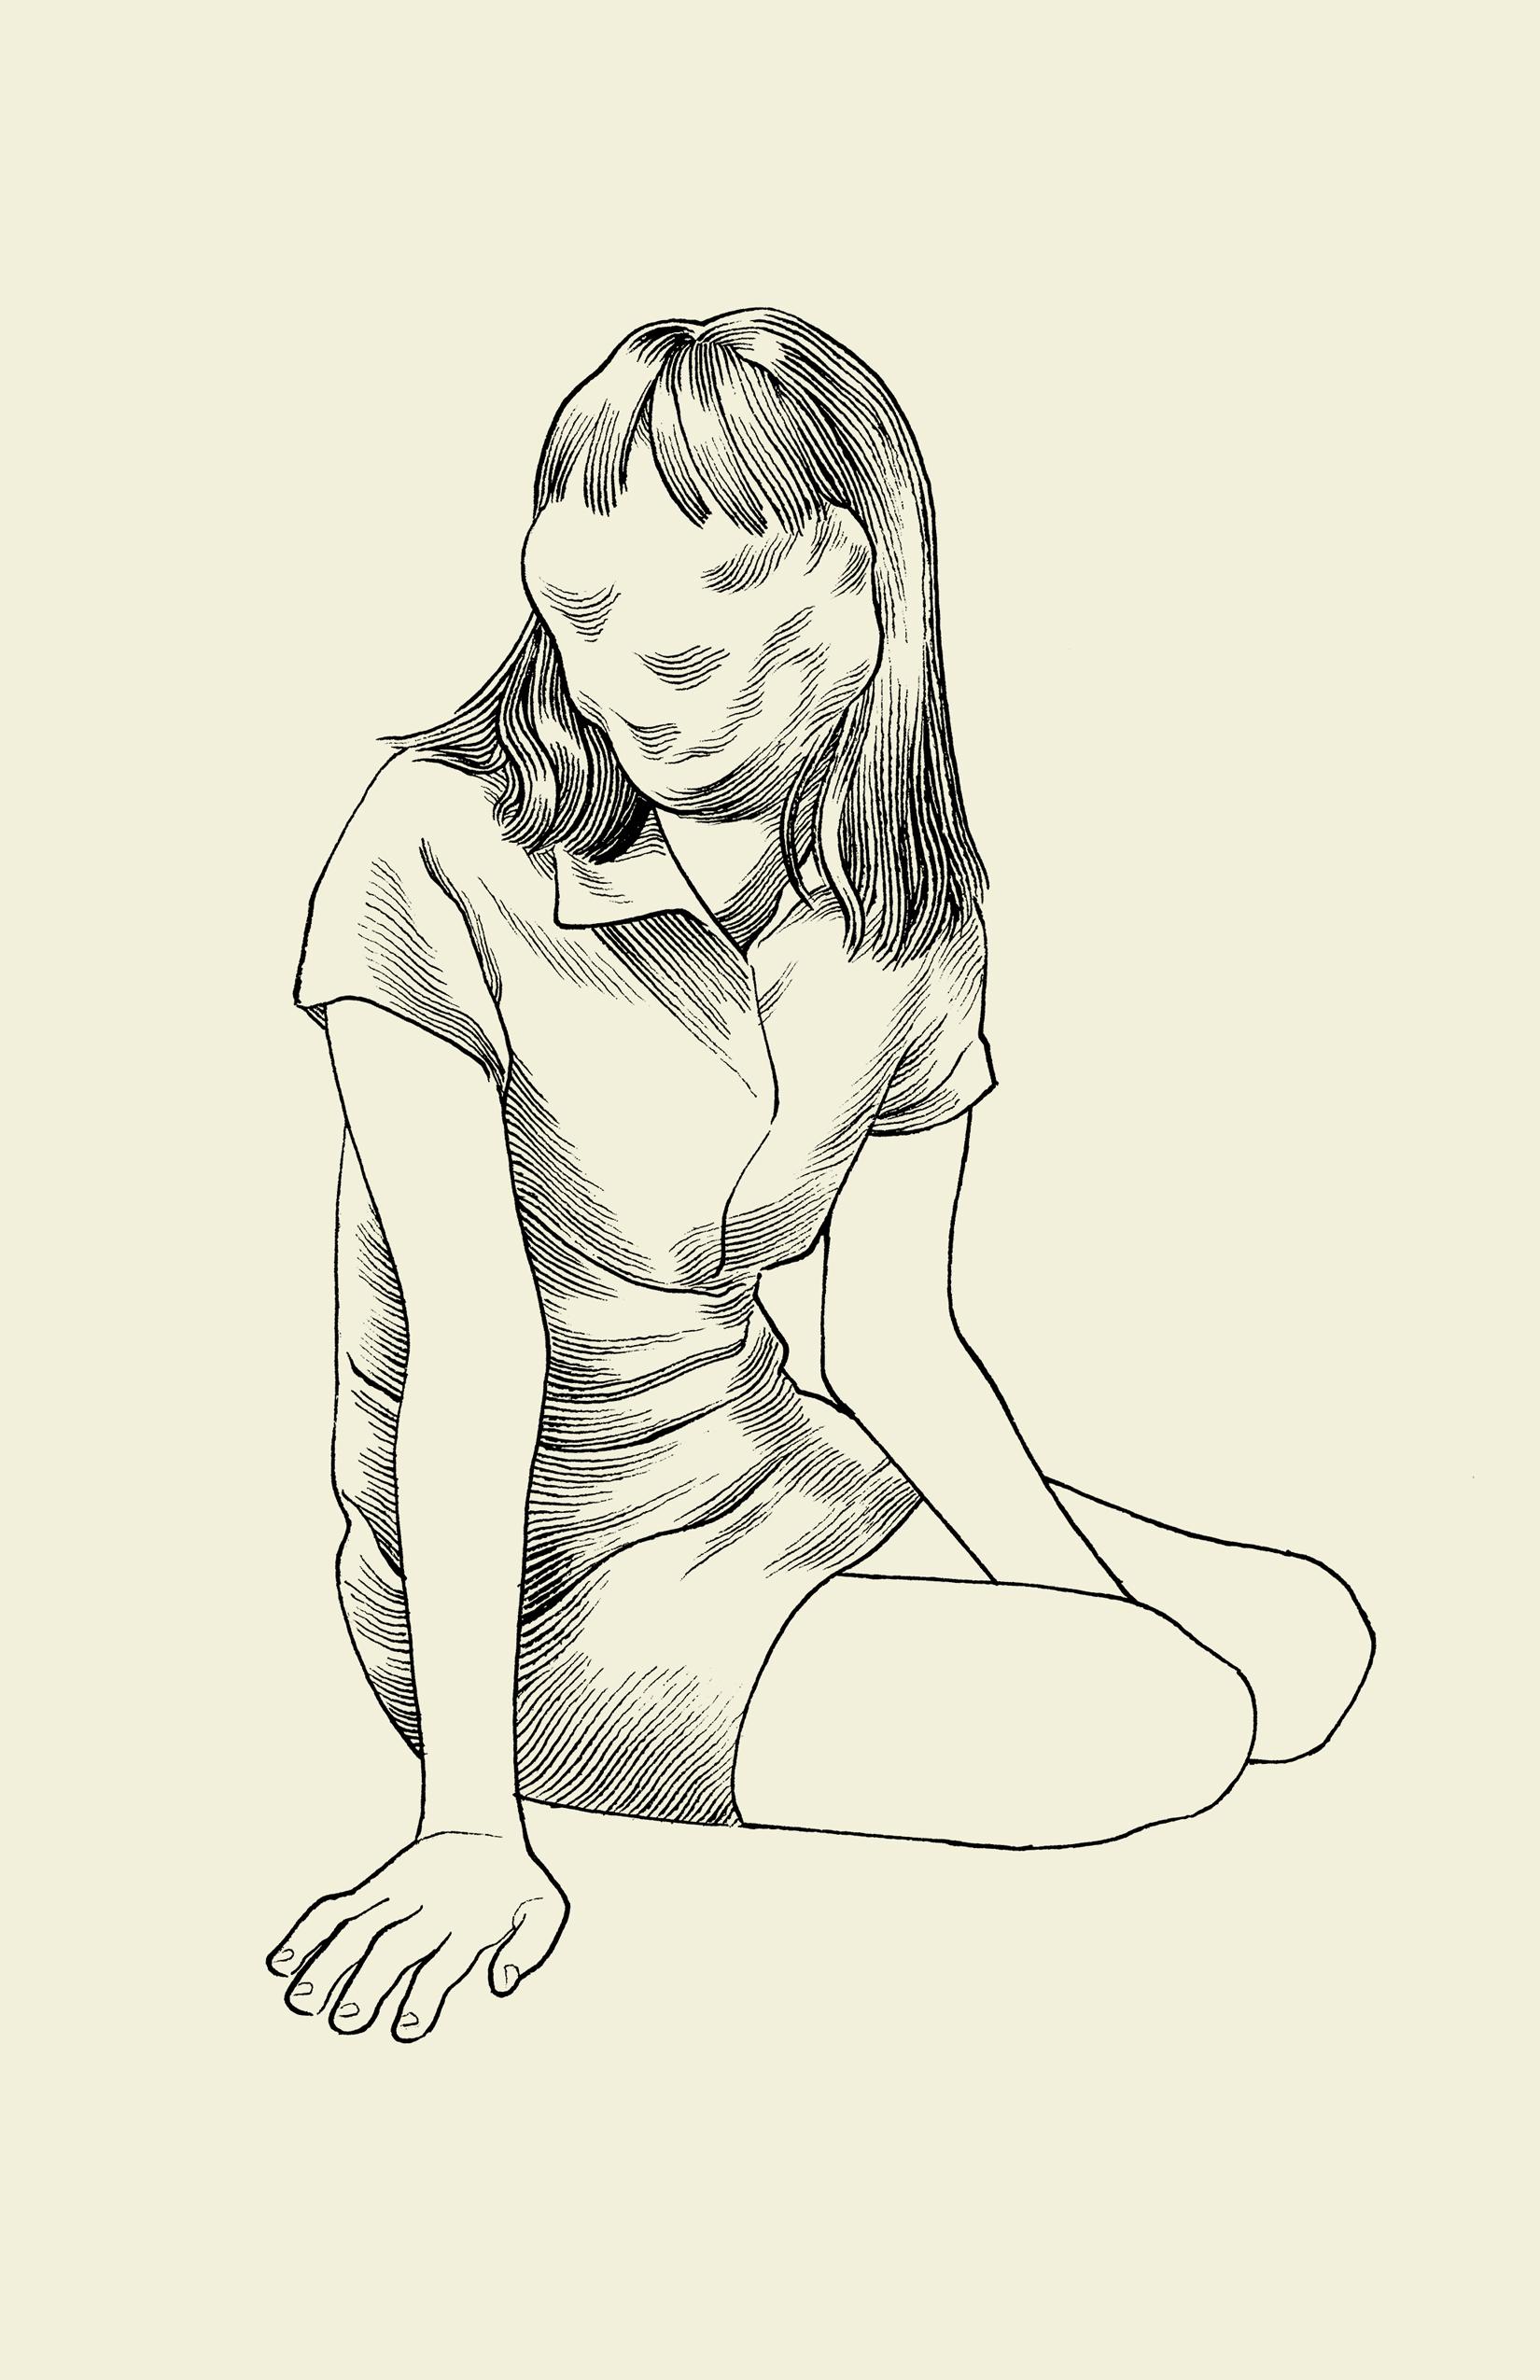 NOFACE_GIRL.jpg